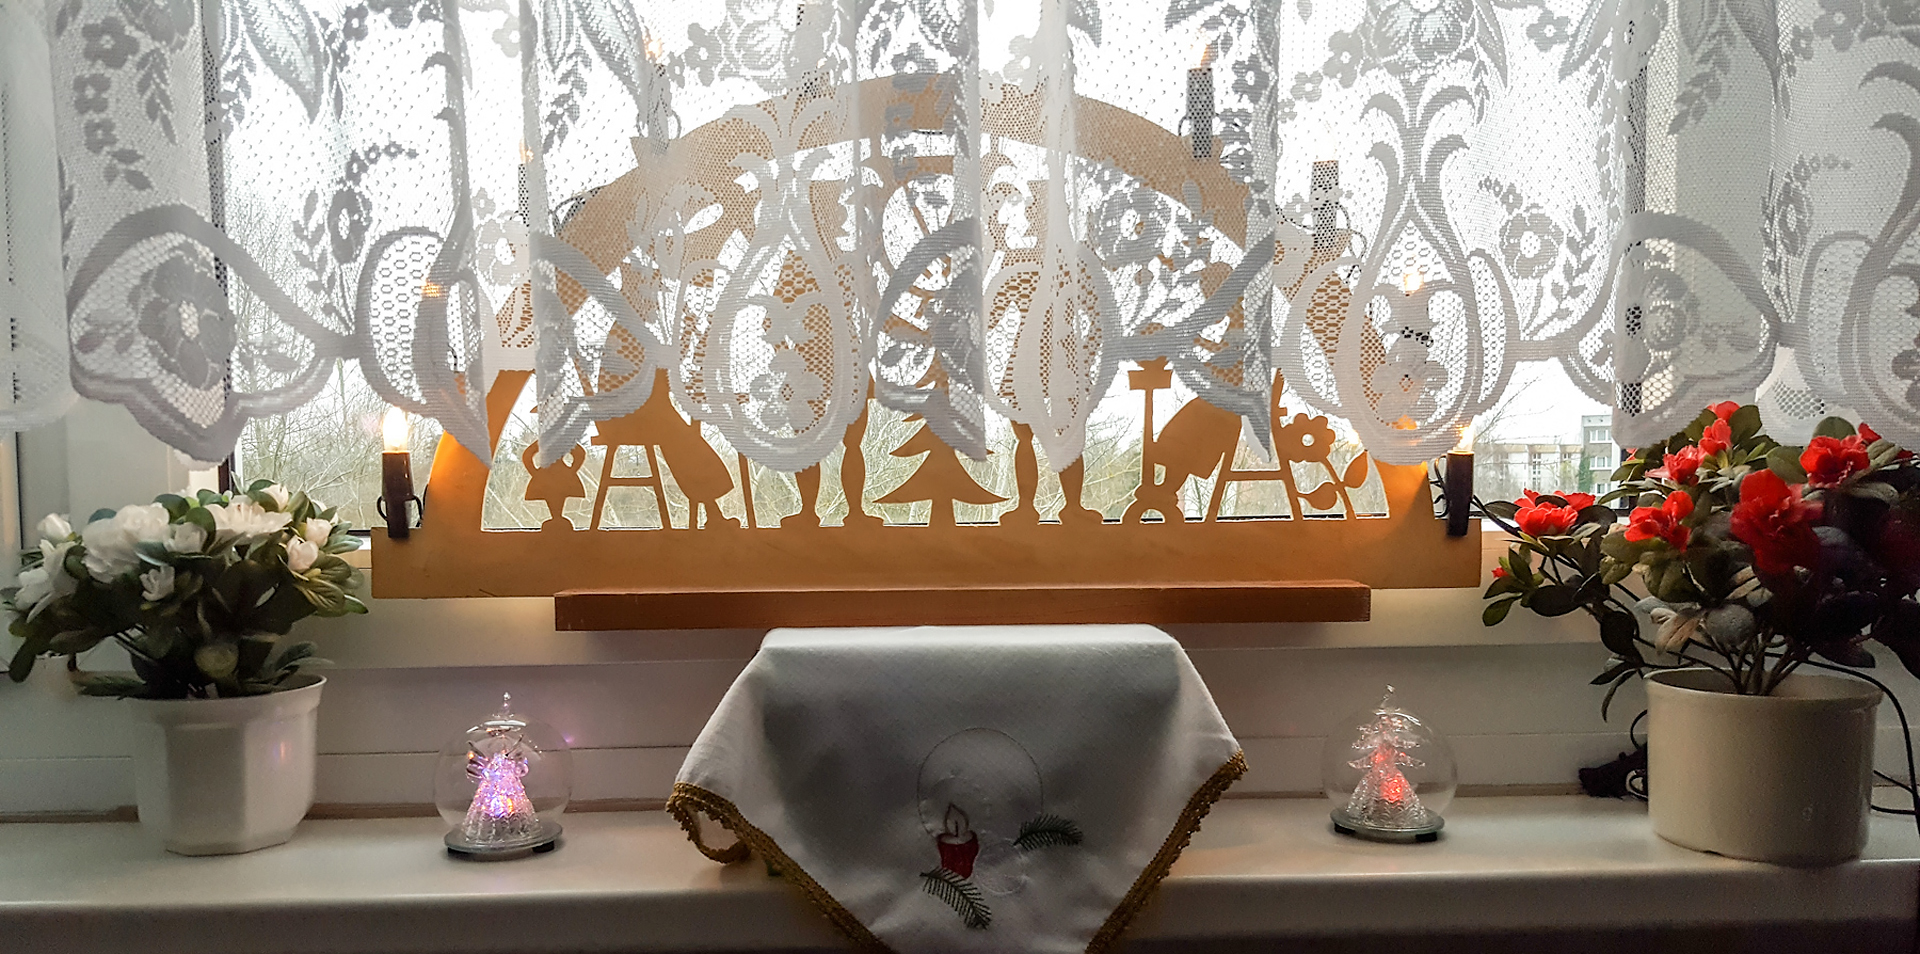 Dekoration zur Adventszeit